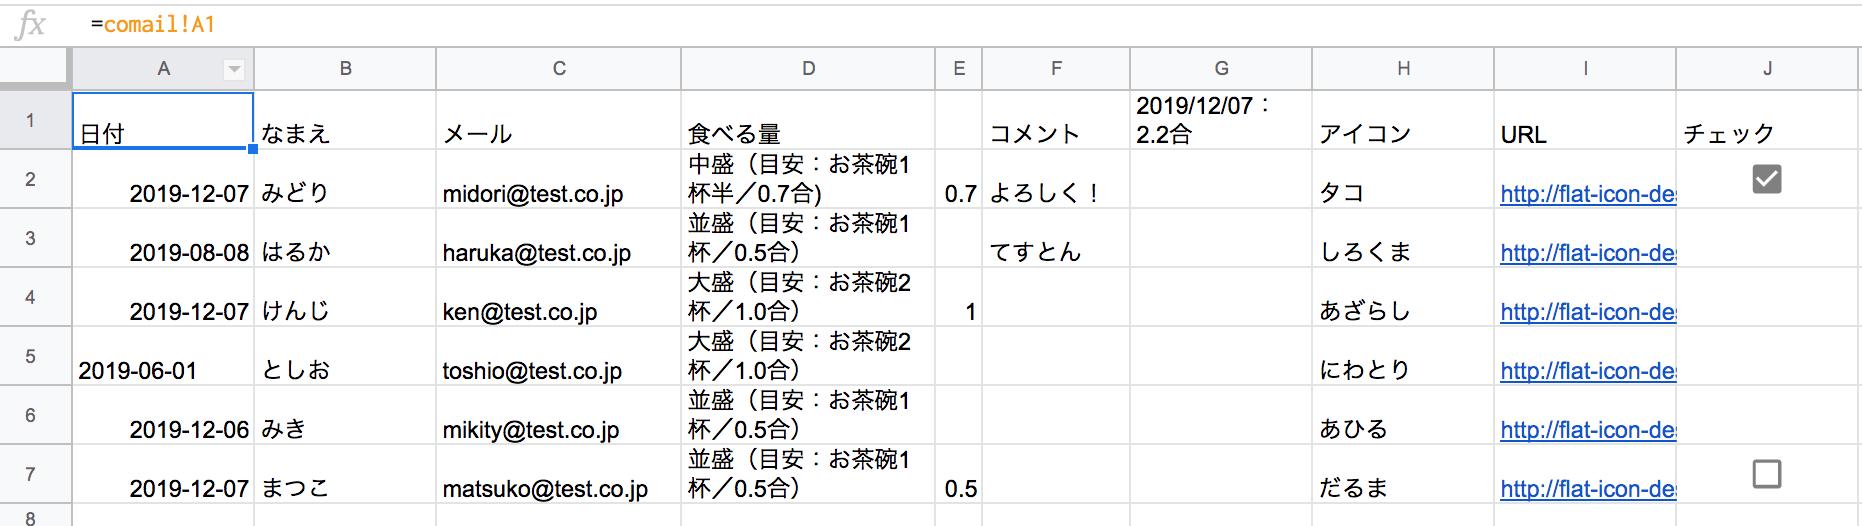 スクリーンショット 2019-12-07 2.23.15.png